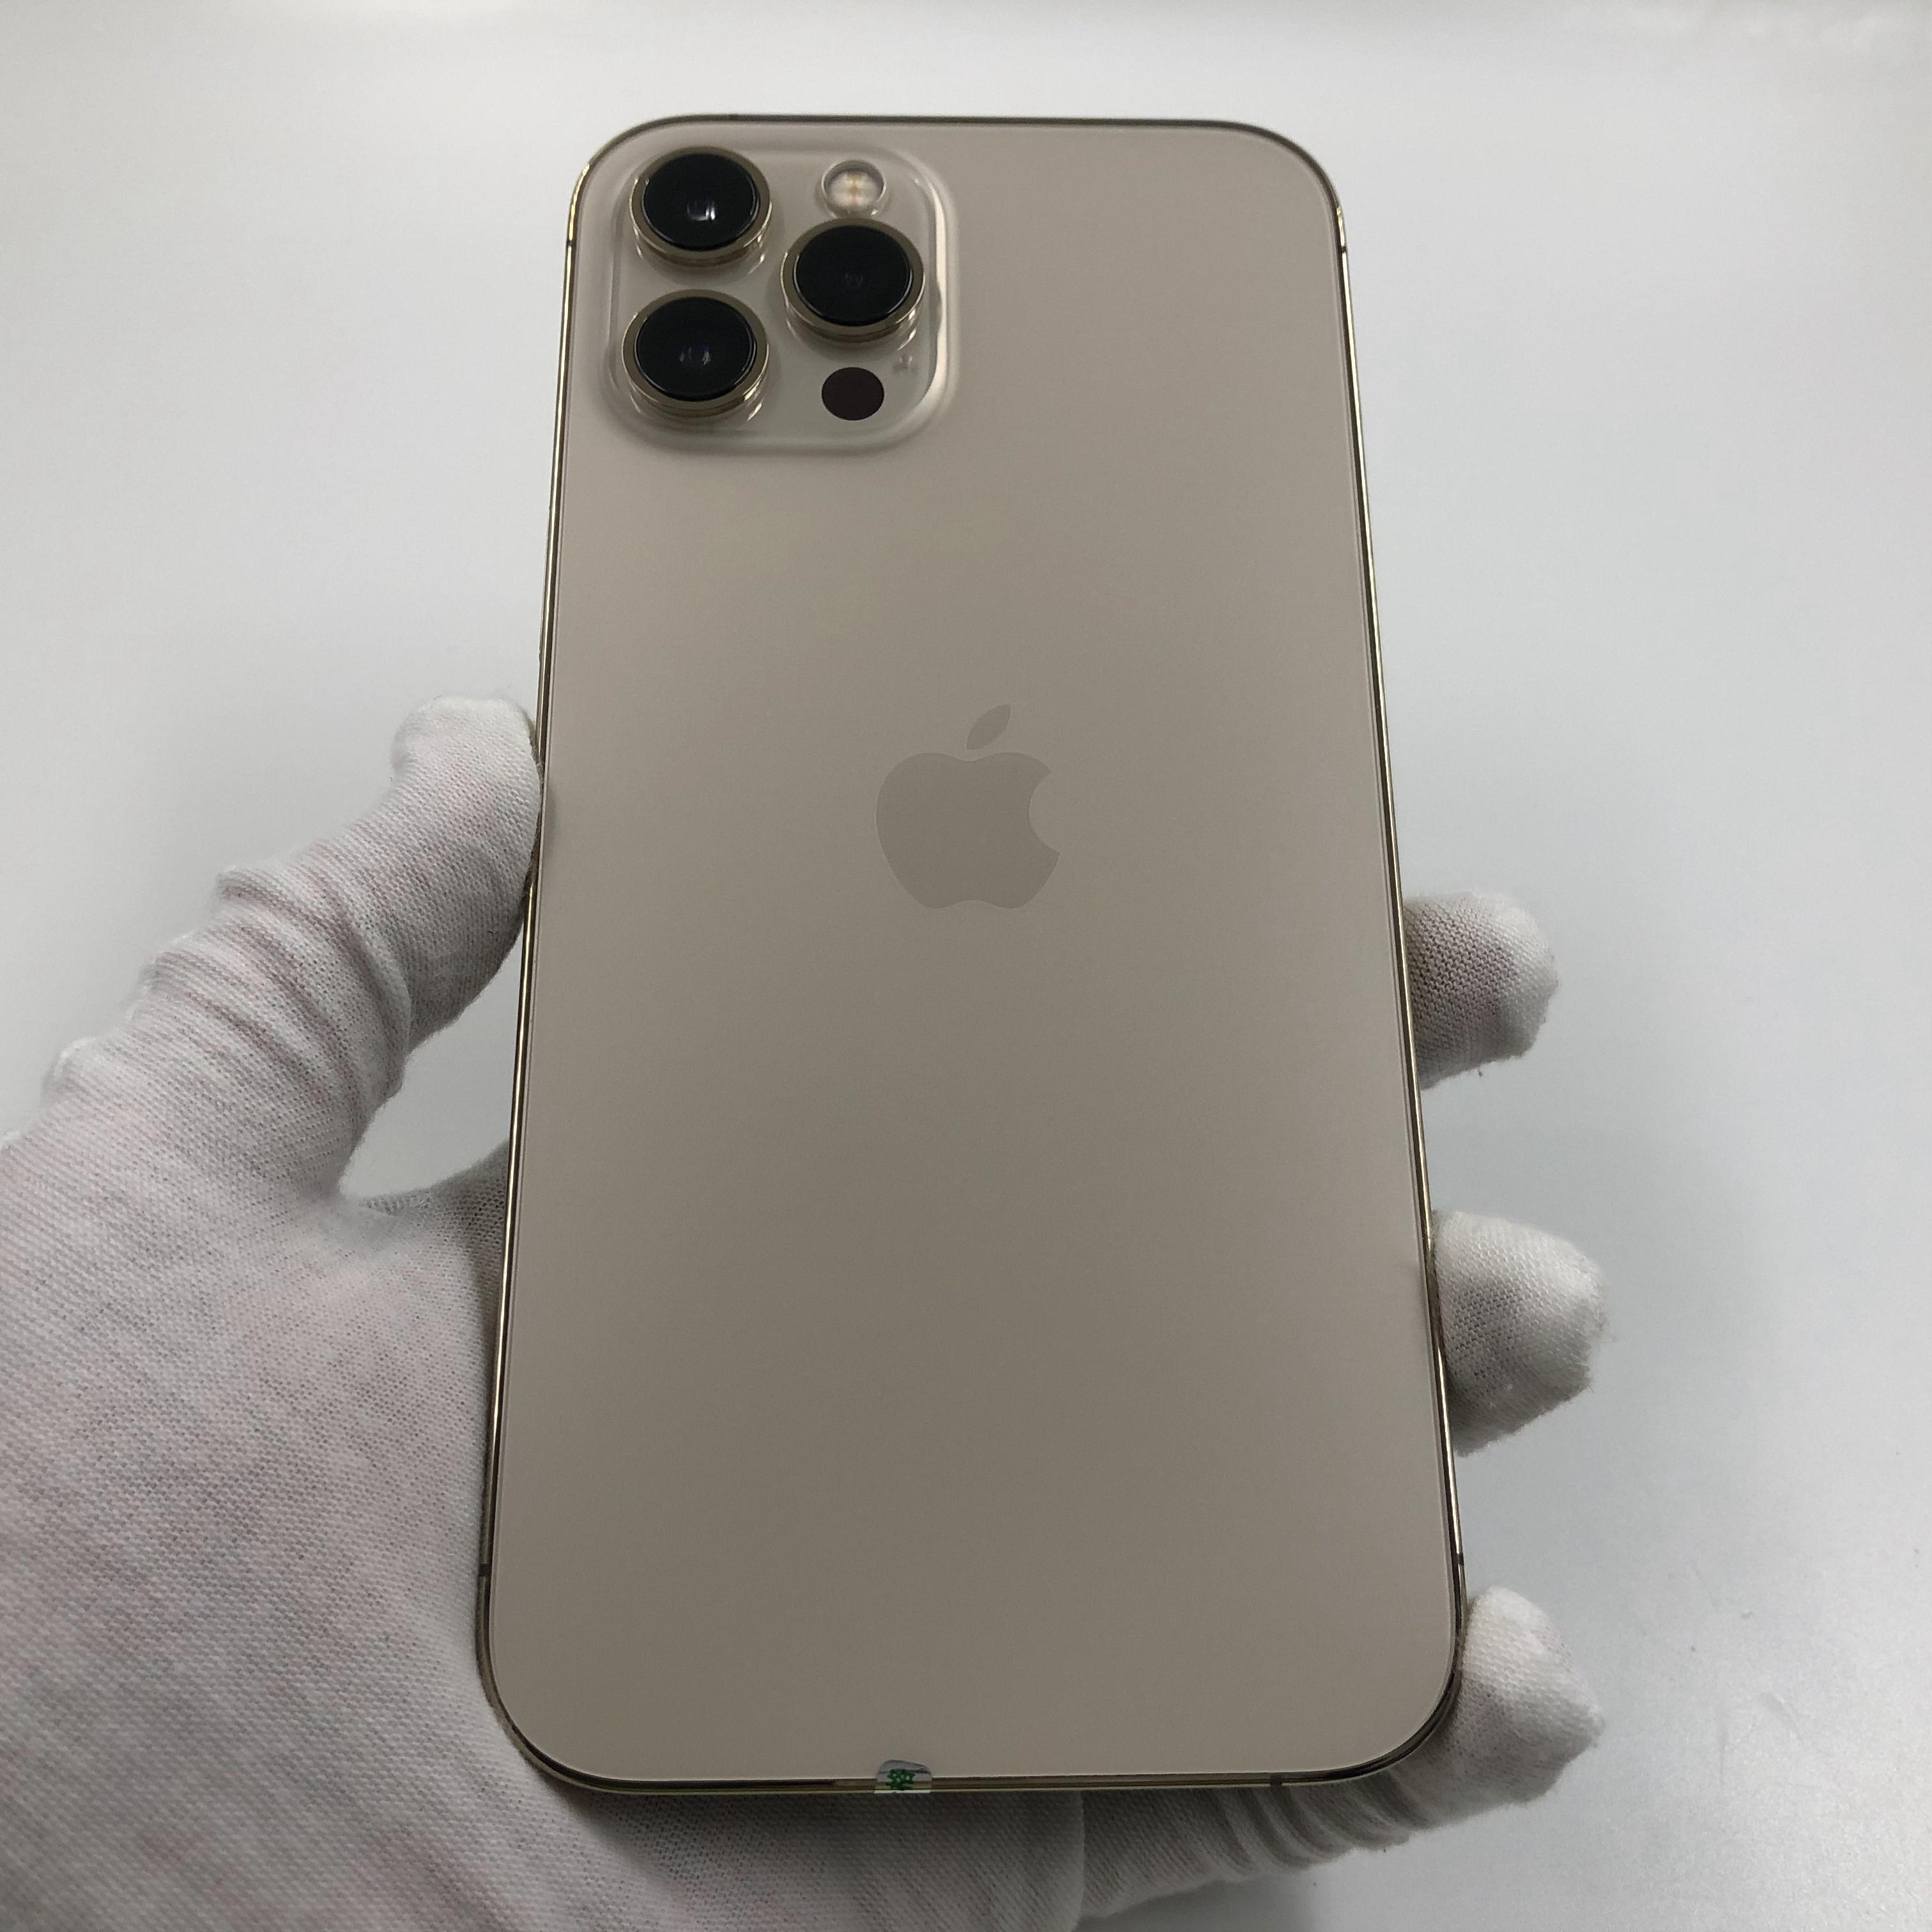 苹果【iPhone 12 Pro Max】5G全网通 金色 256G 国行 99新 真机实拍官保2022-01-26